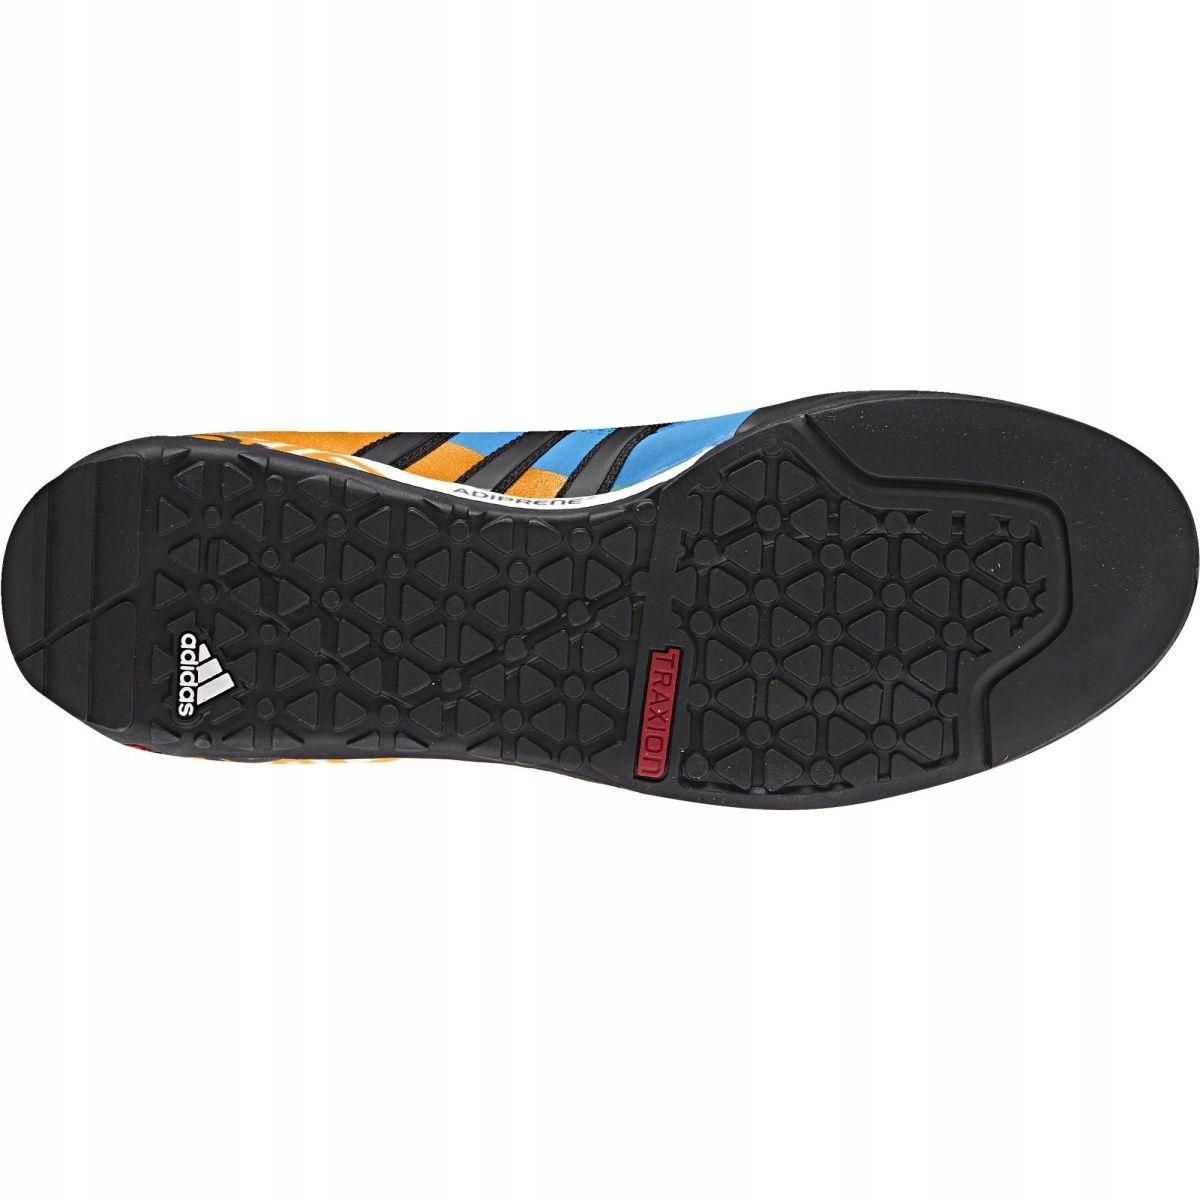 dostać nowe cała kolekcja dobry Buty adidas Terrex Swift Solo M AQ5296